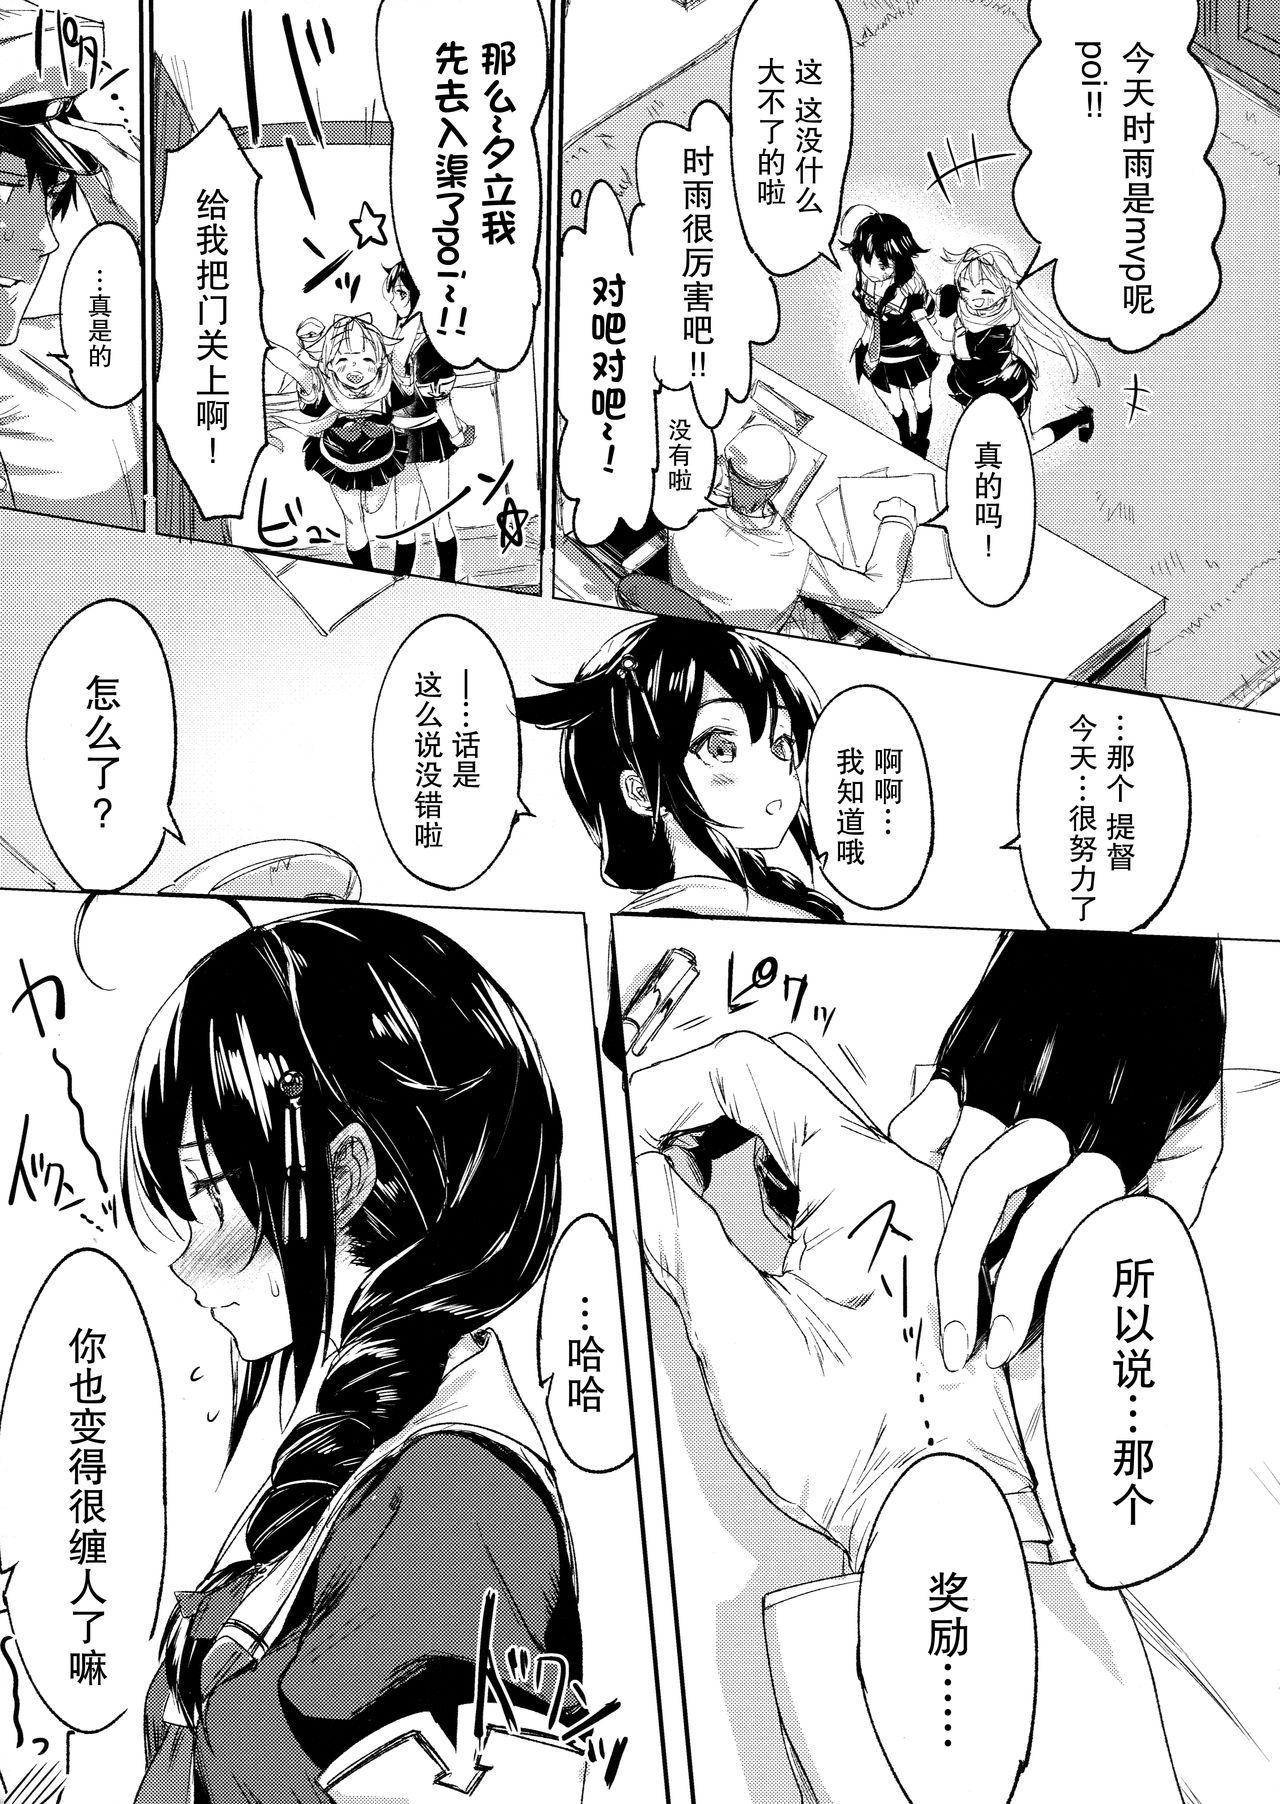 Uchi no Wanko no Choukyou Nisshi 28